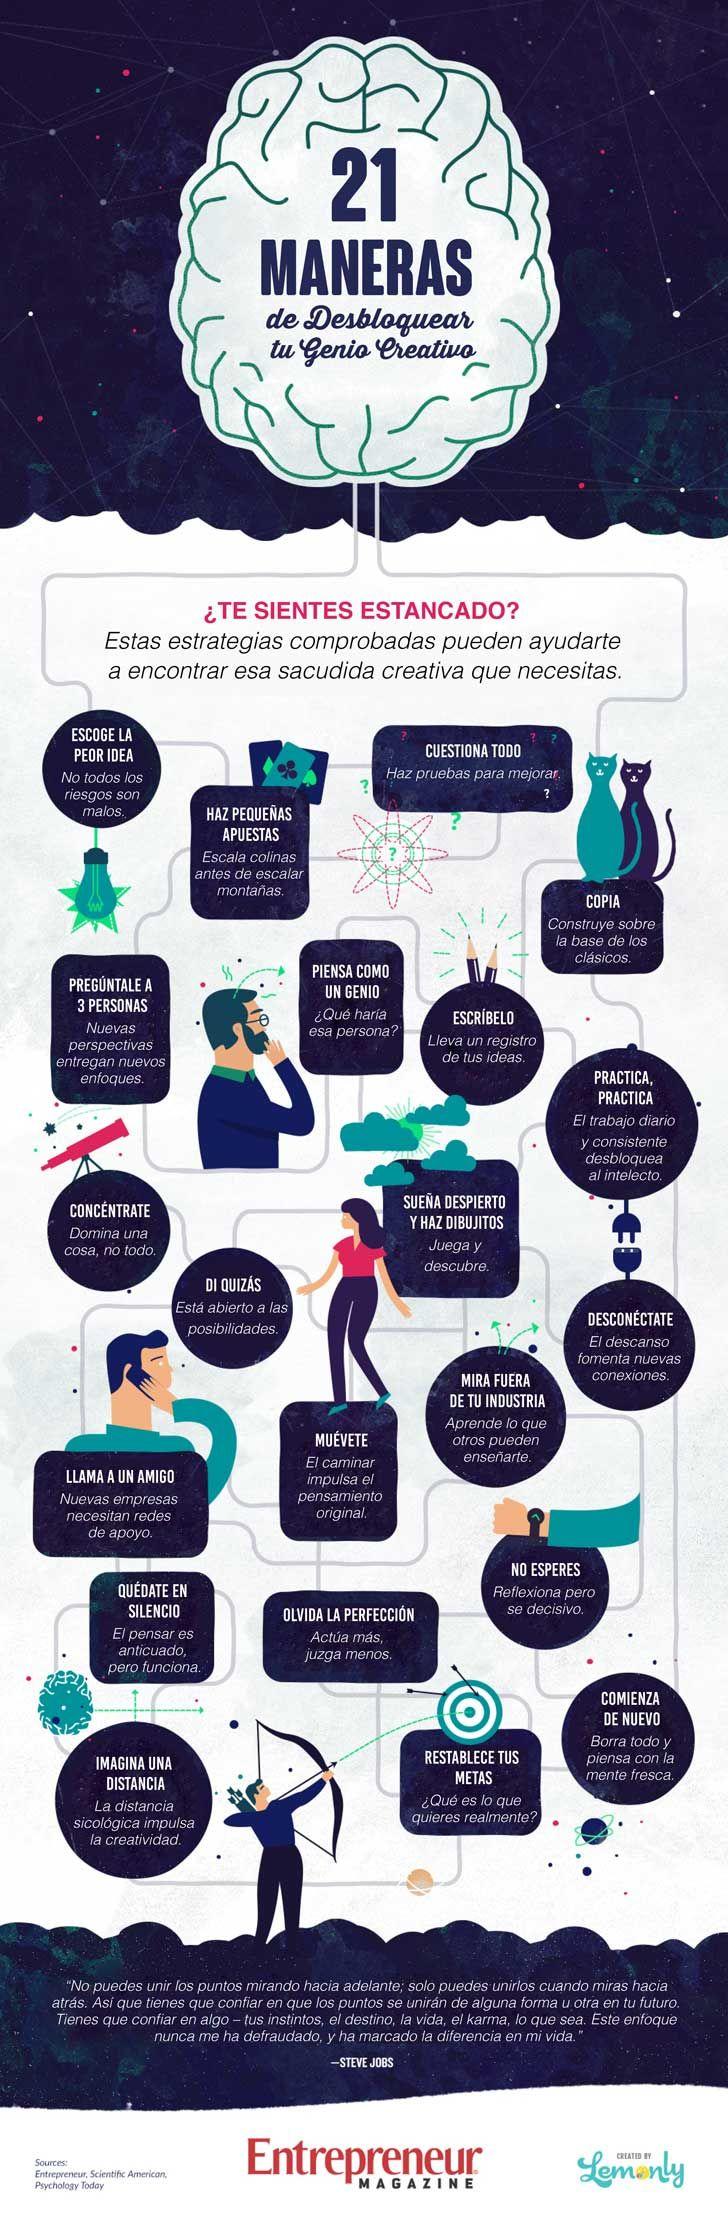 21 maneras de desbloquear tu genio creativo #Infografia #Infographic